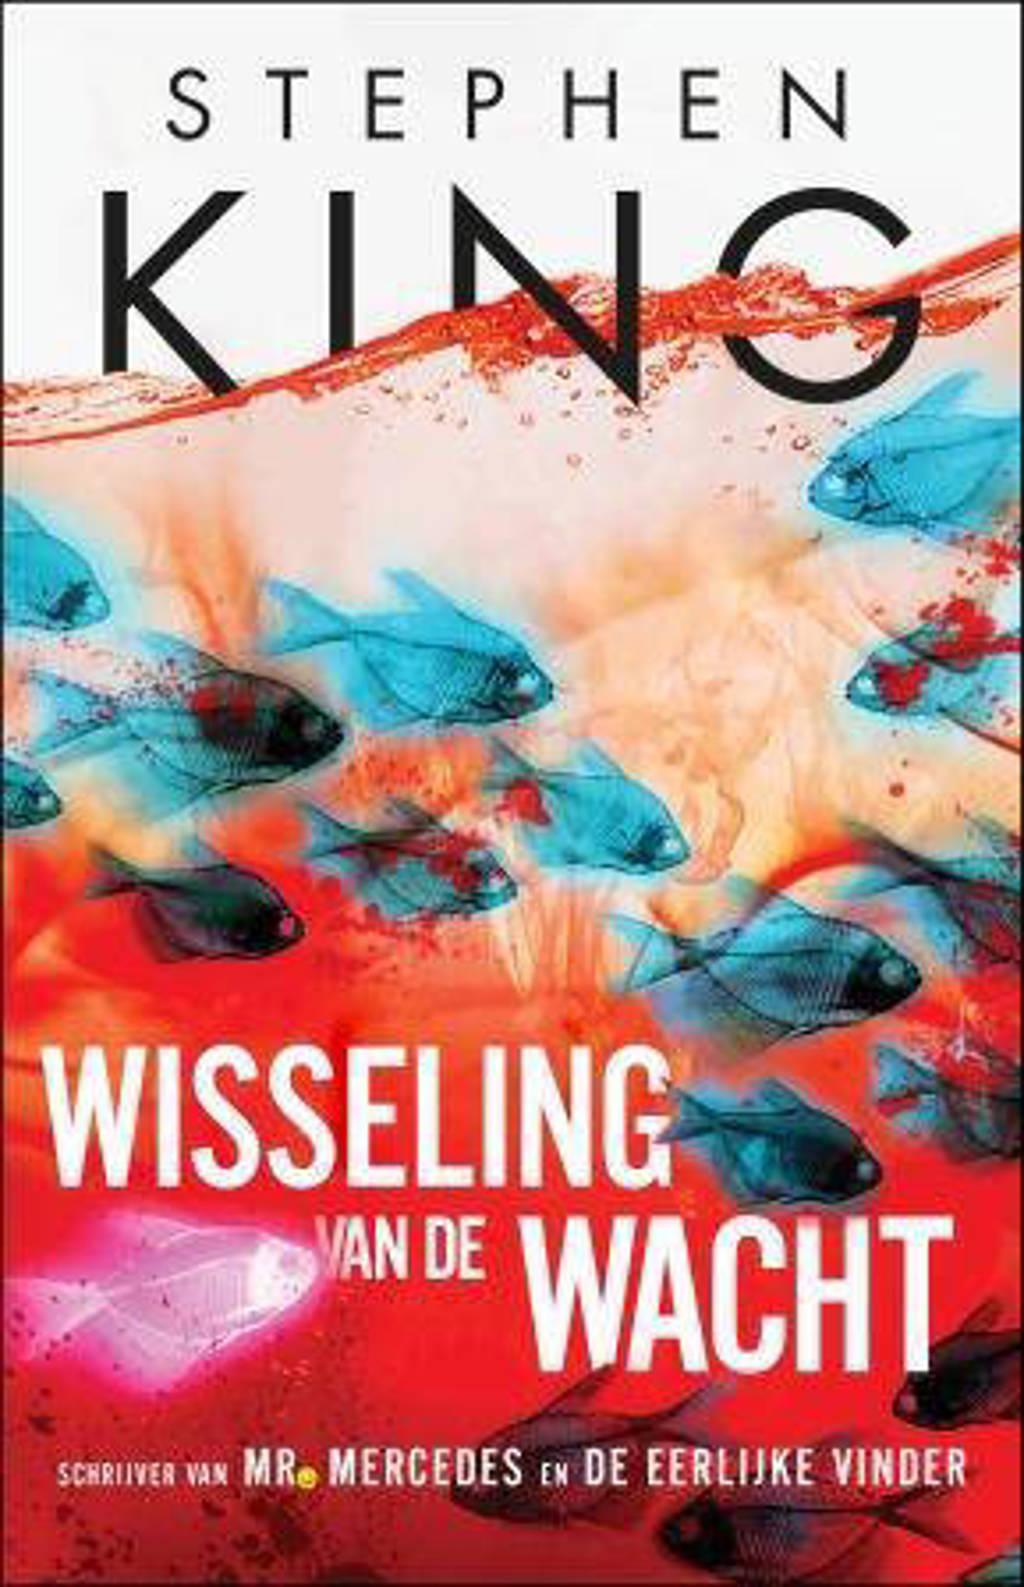 Mercedes: Wisseling van de wacht - Stephen King